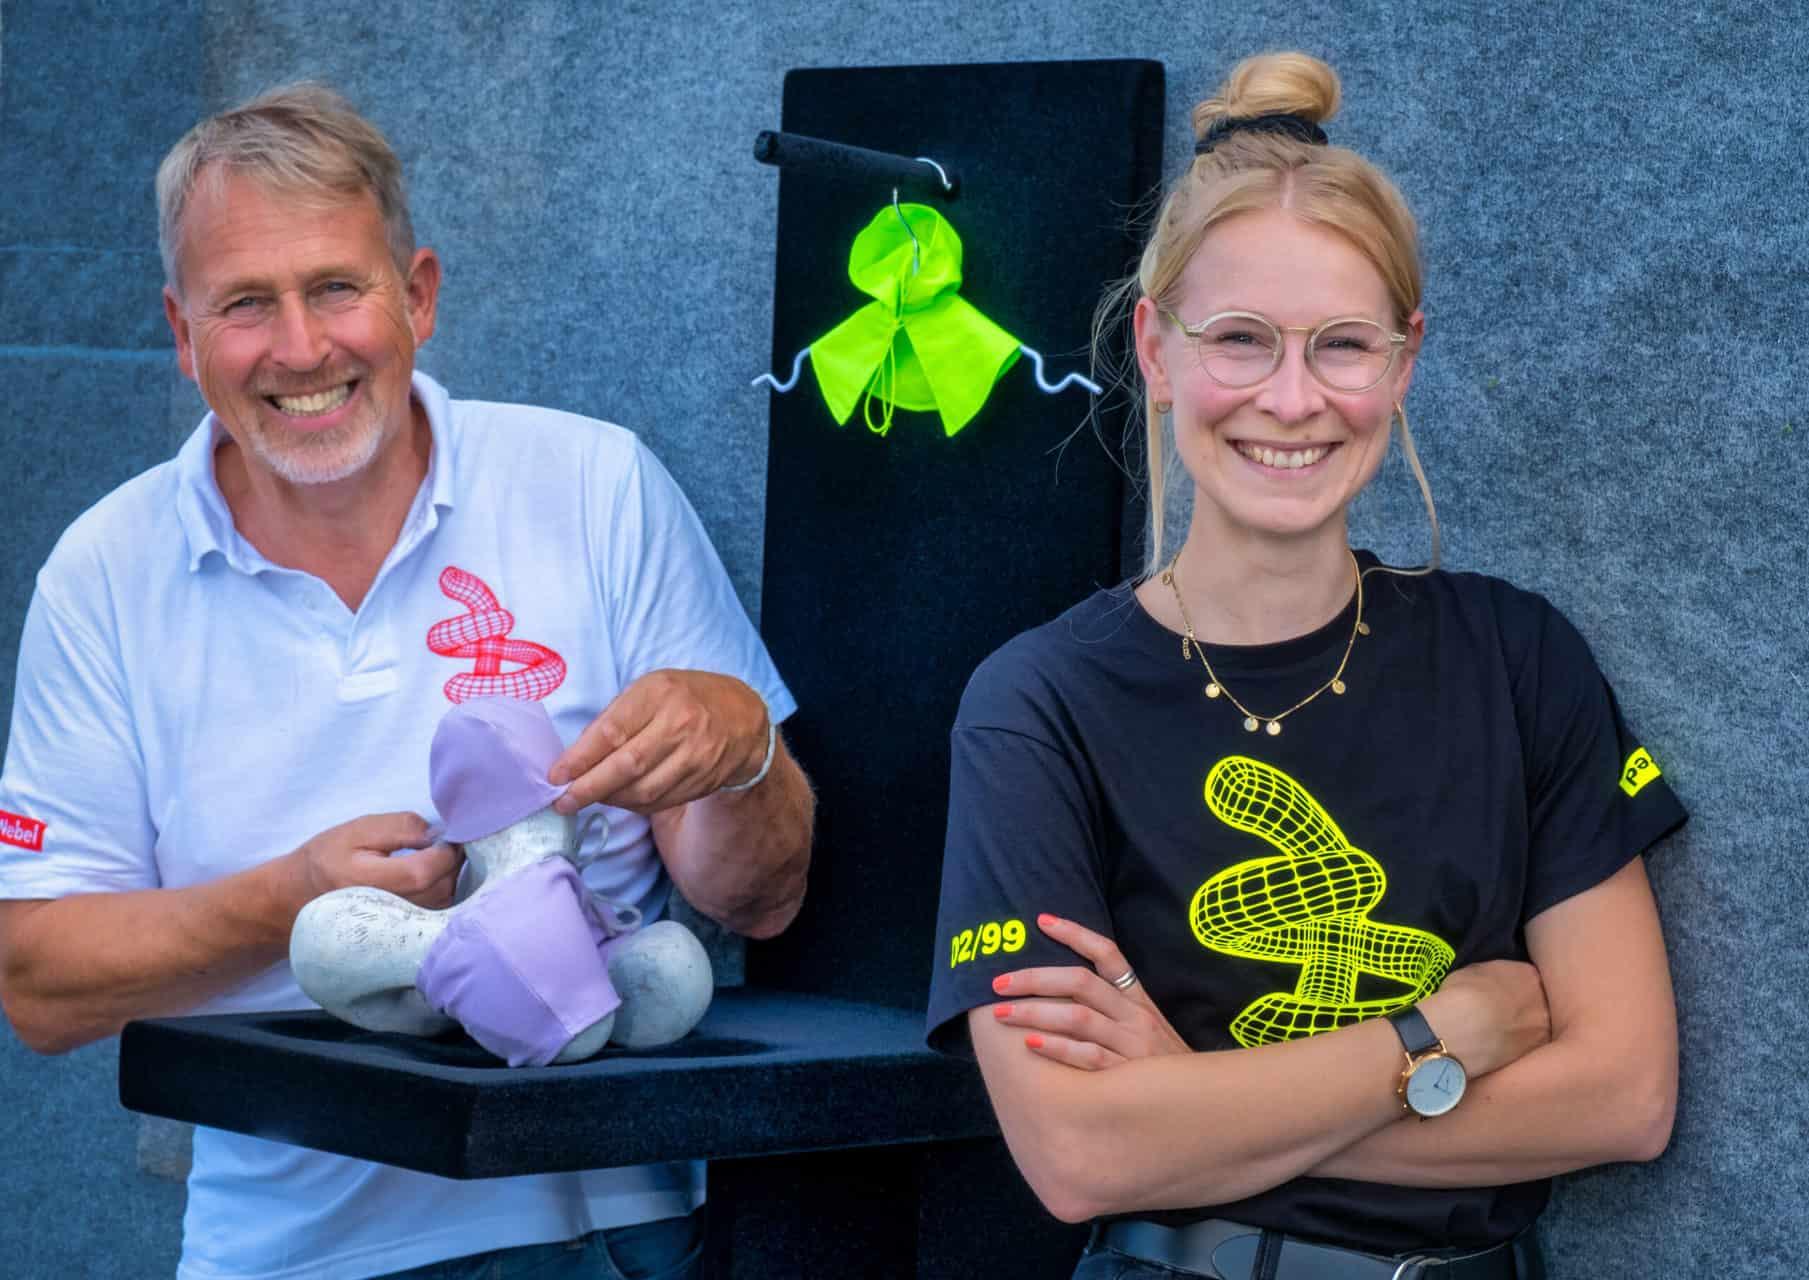 Pressefoto Manfred Webel mit Modemacherin Laura Schlütz, die für die Bewegungsskulptur Quattroporte (hier das kleine Zirbenholzmodell)eine Modekollektion angefertigt hat